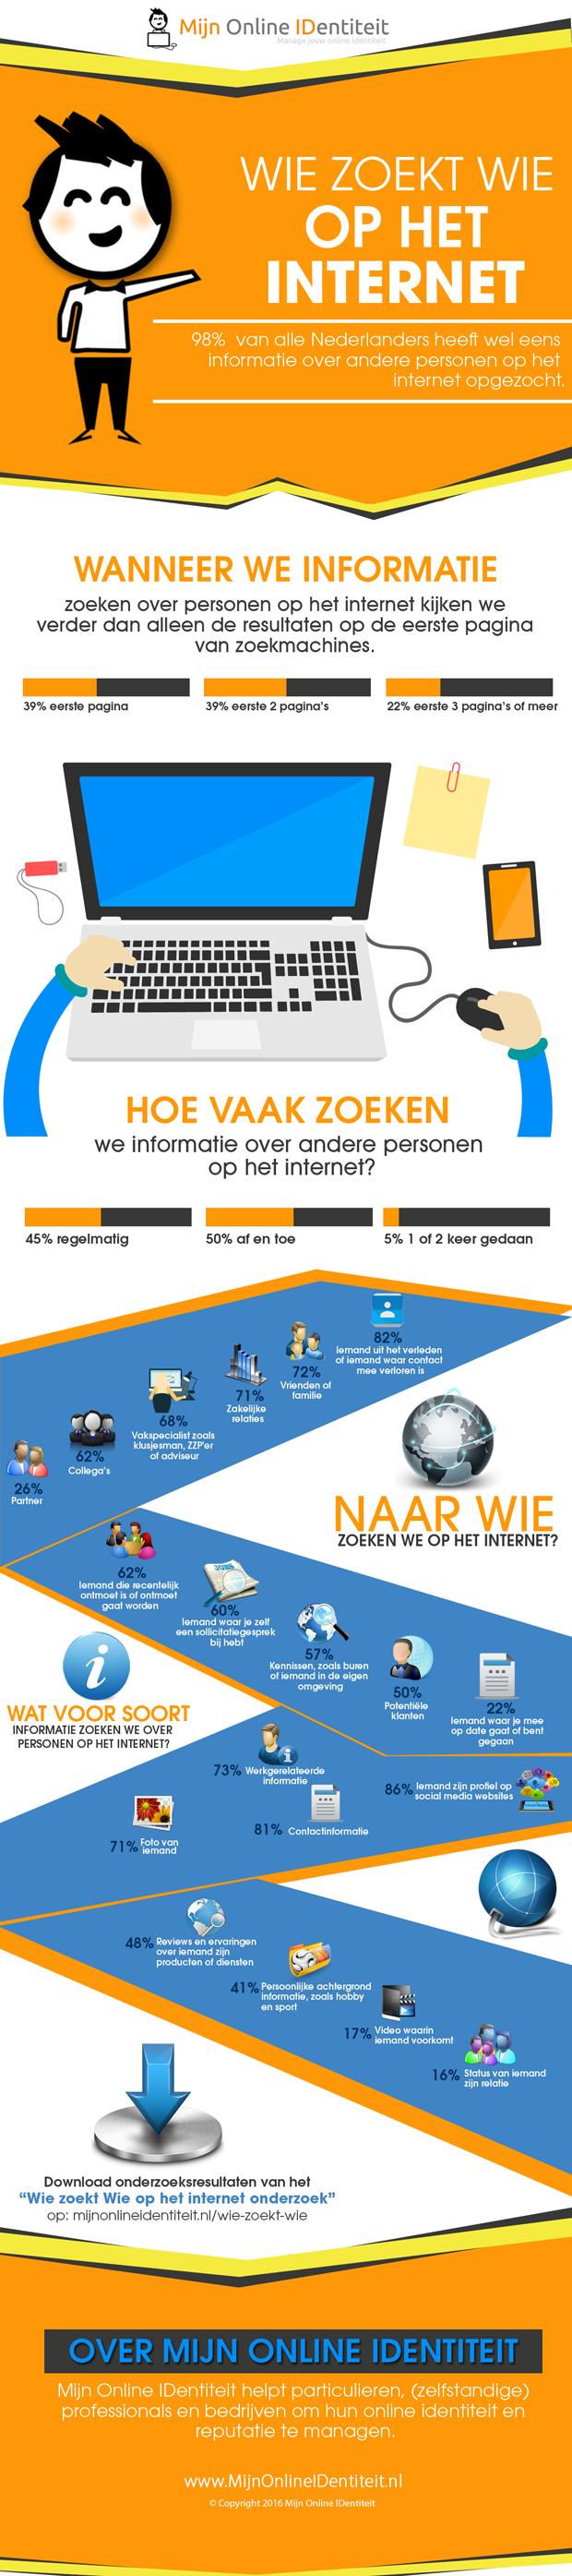 Reputatiemanagement - Infographic Wie zoekt Wie op het internet onderzoek 620-3